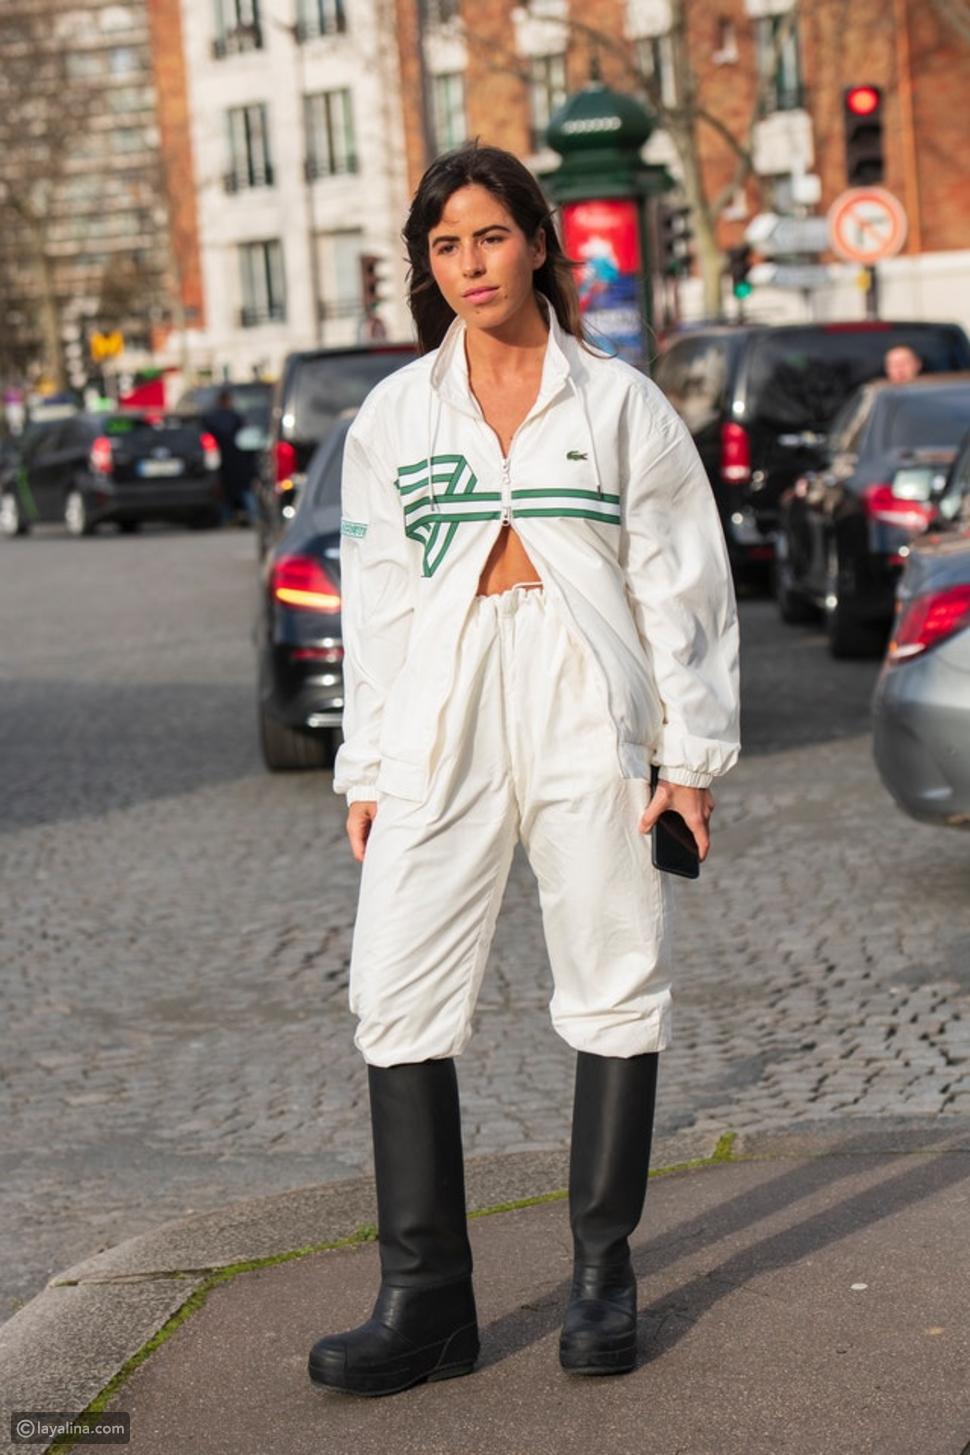 أزياء رياضية مع الأحذية المطاطية